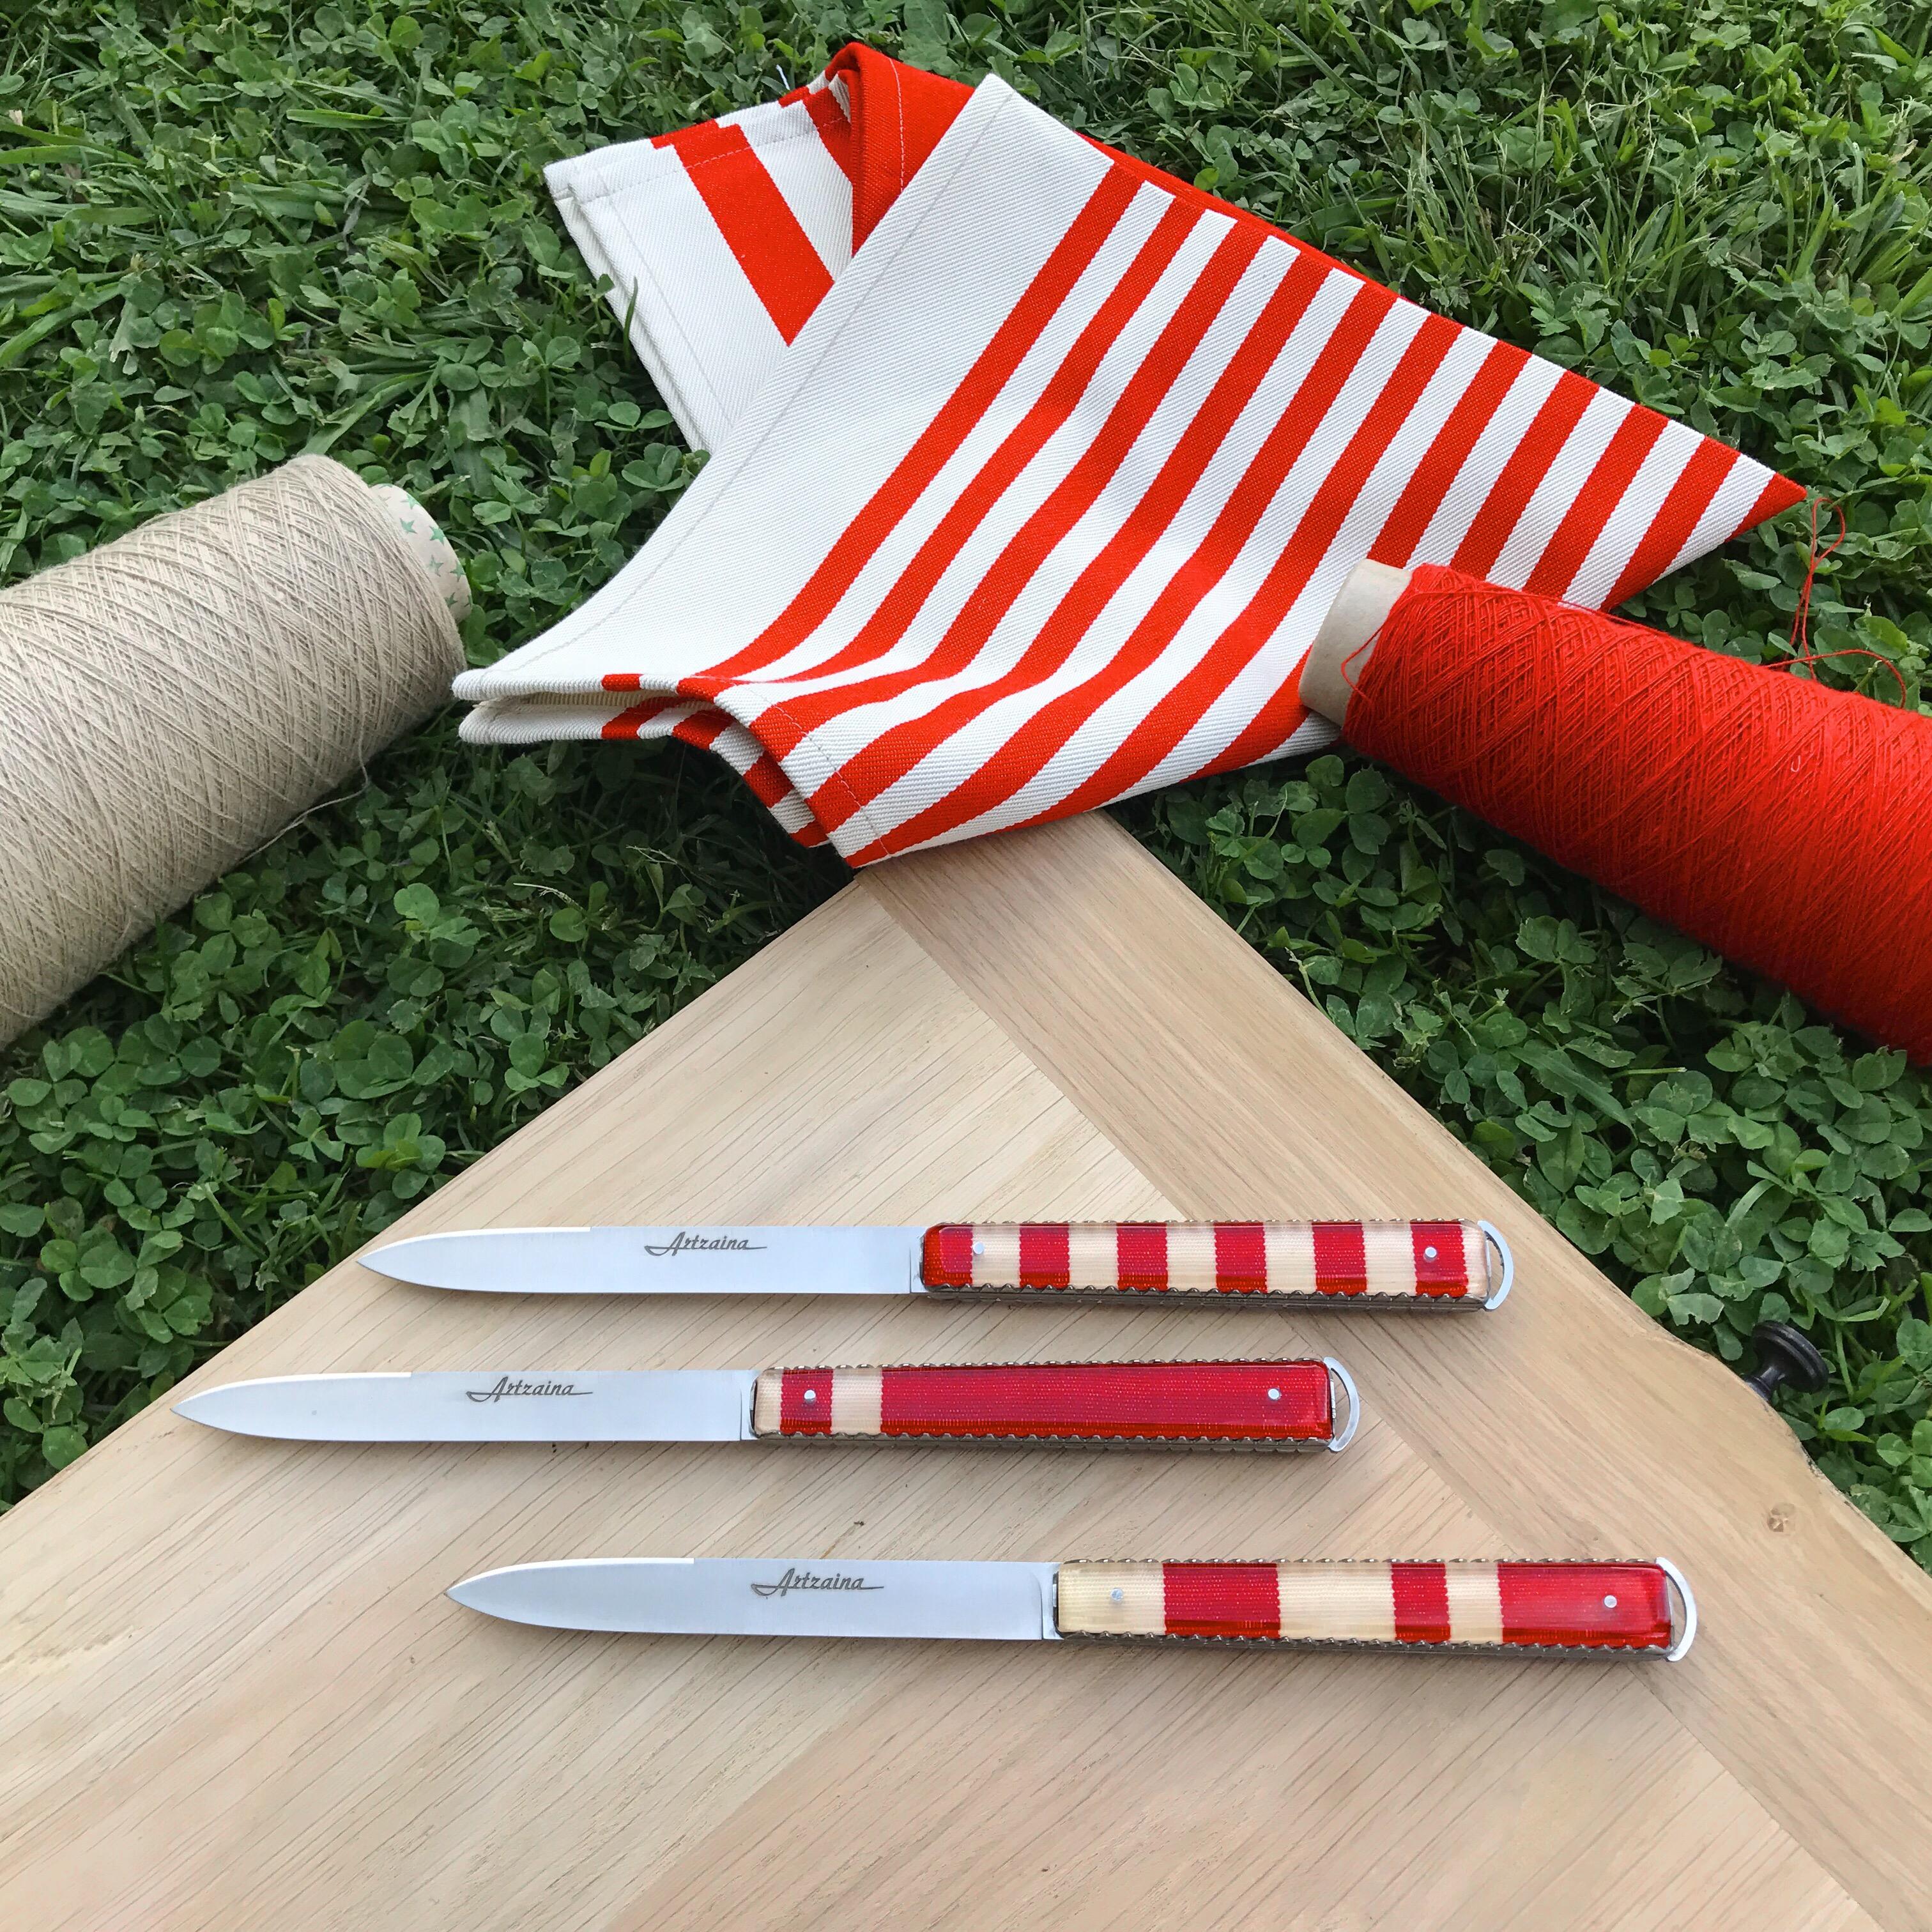 Couteaux de table Artzaina en linge basque pour la fête des mères.